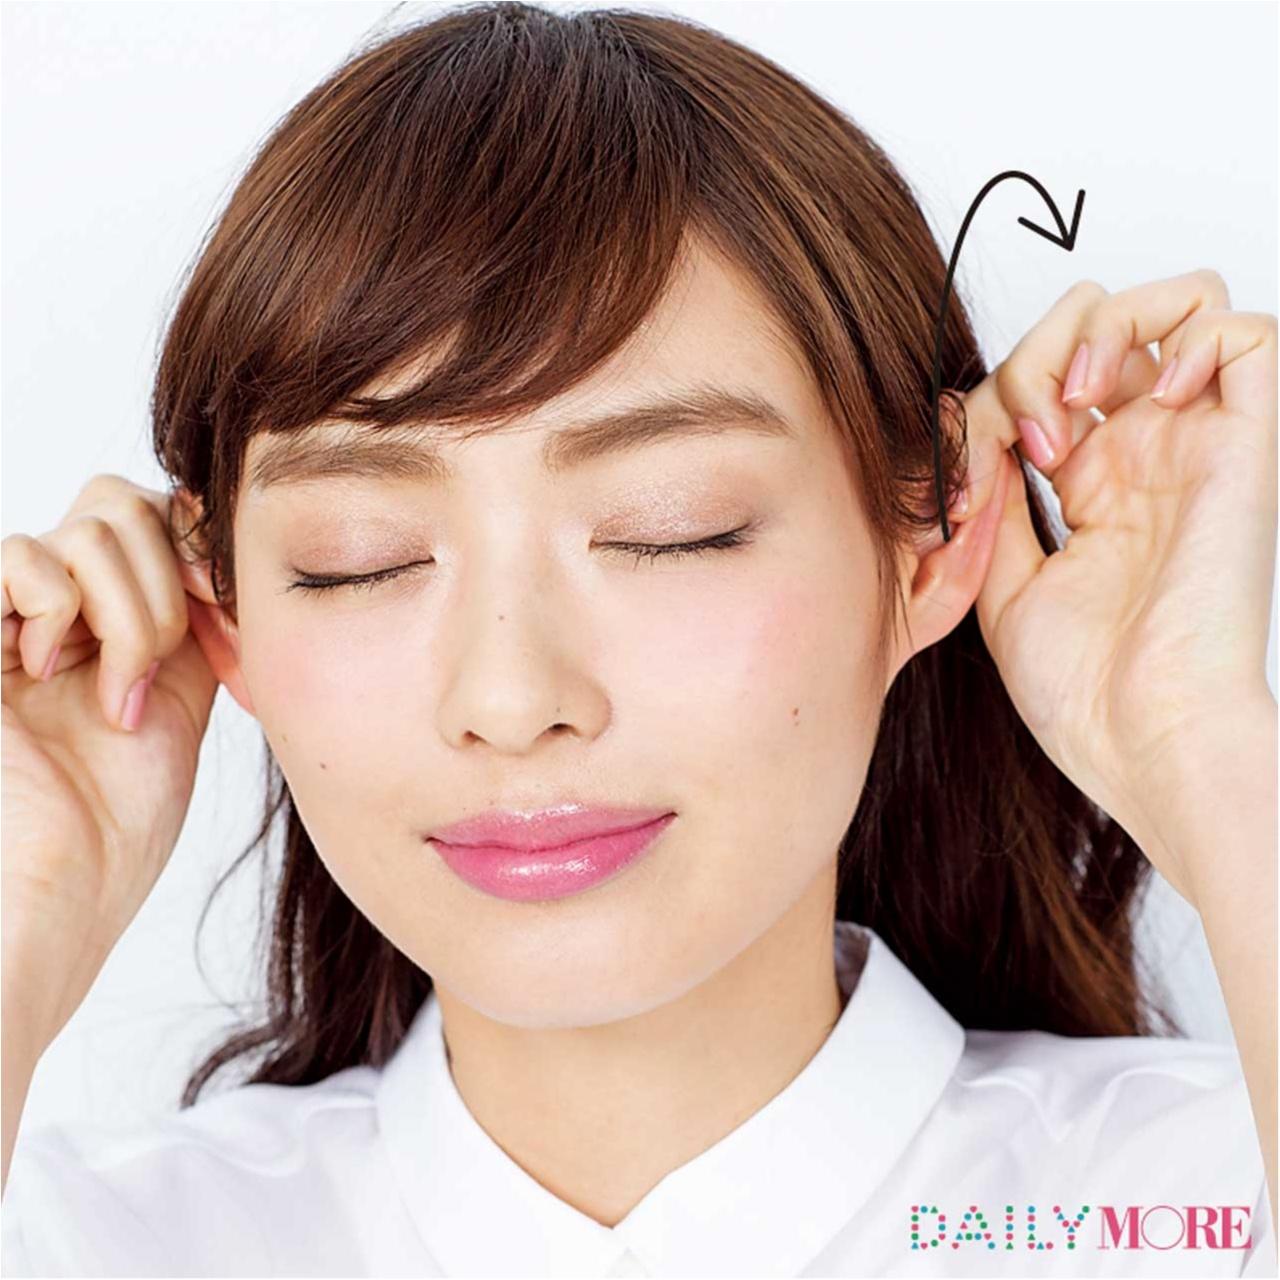 小顔マッサージ特集 - すぐにできる! むくみやたるみを解消してすっきり小顔を手に入れる方法_88